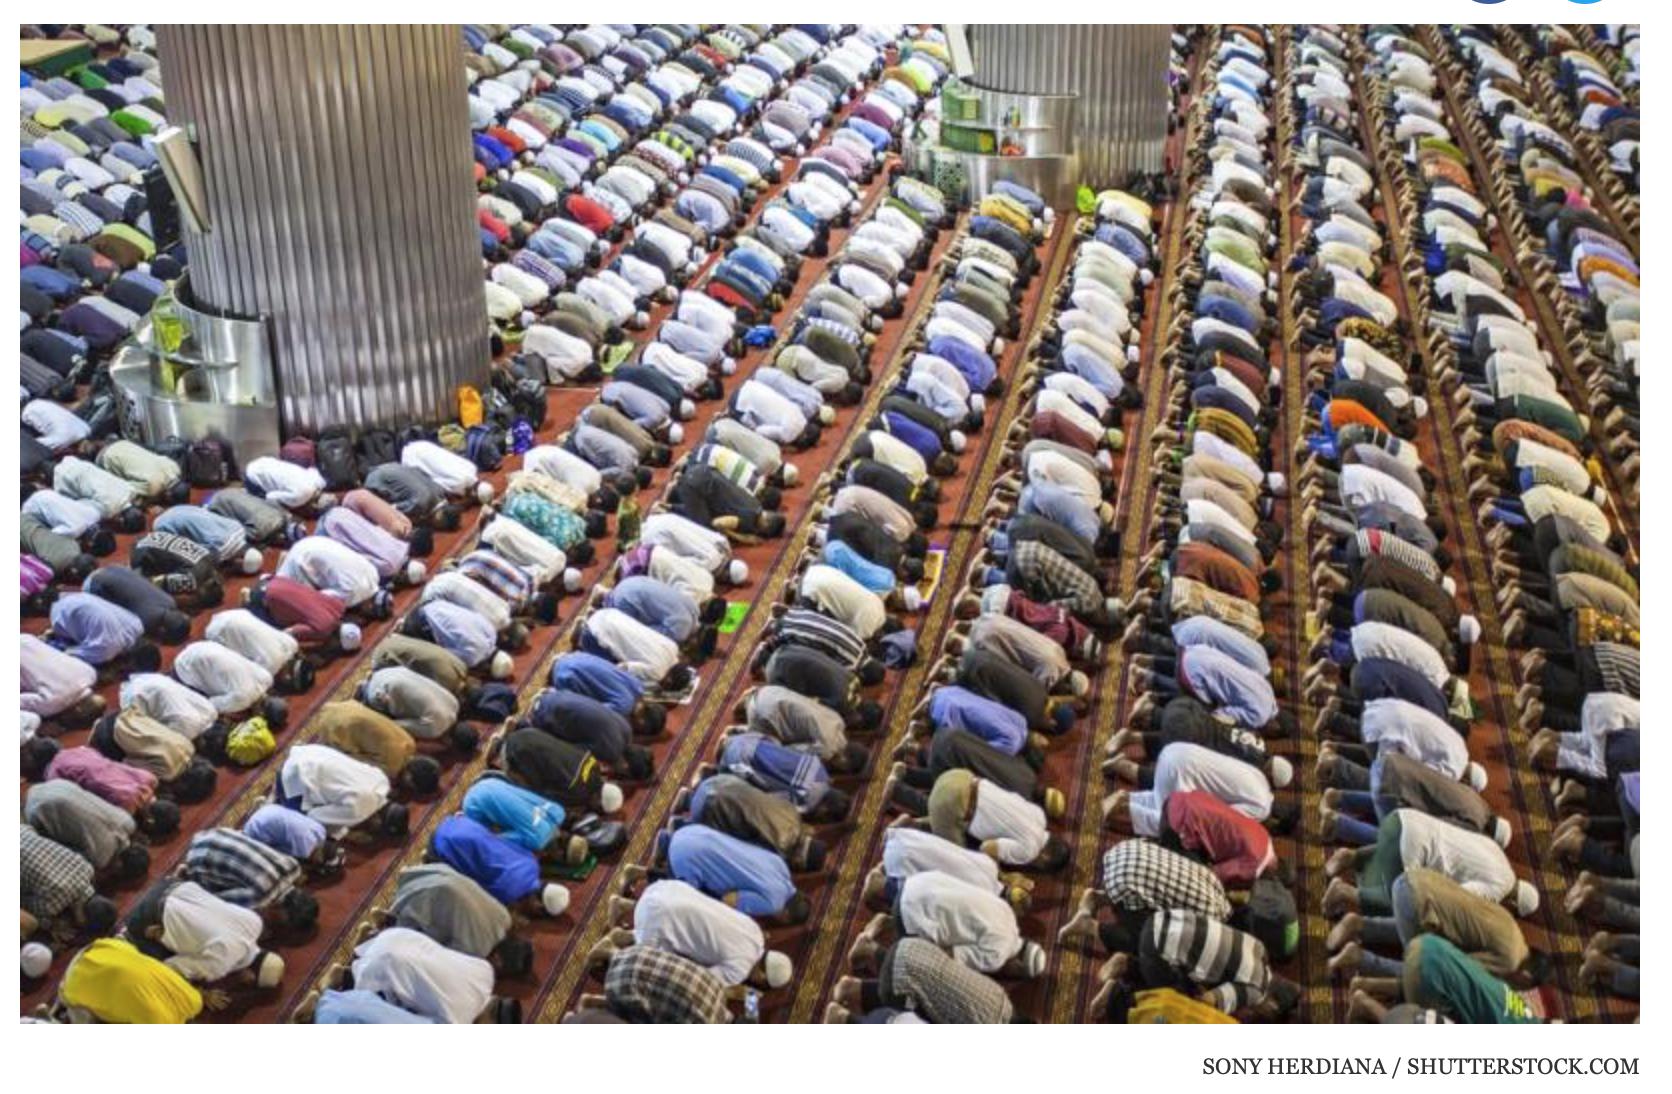 Si les démocrates reprennent le pouvoir aux Etats-Unis, l'islam prendra le contrôle des USA et de l'Europe